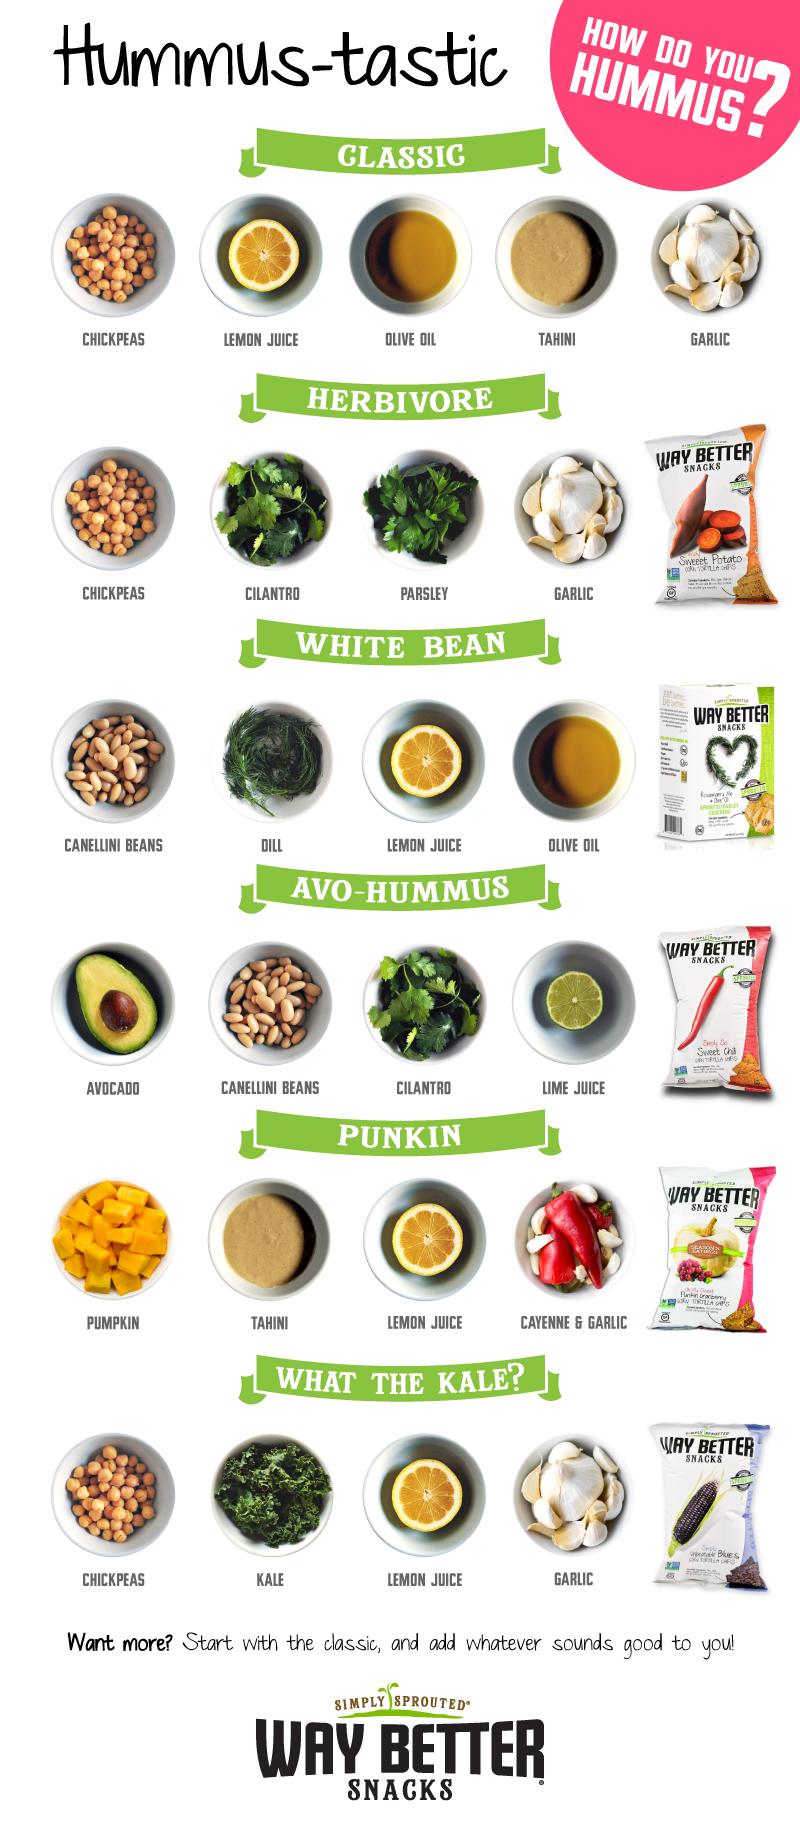 Hummus-tastic